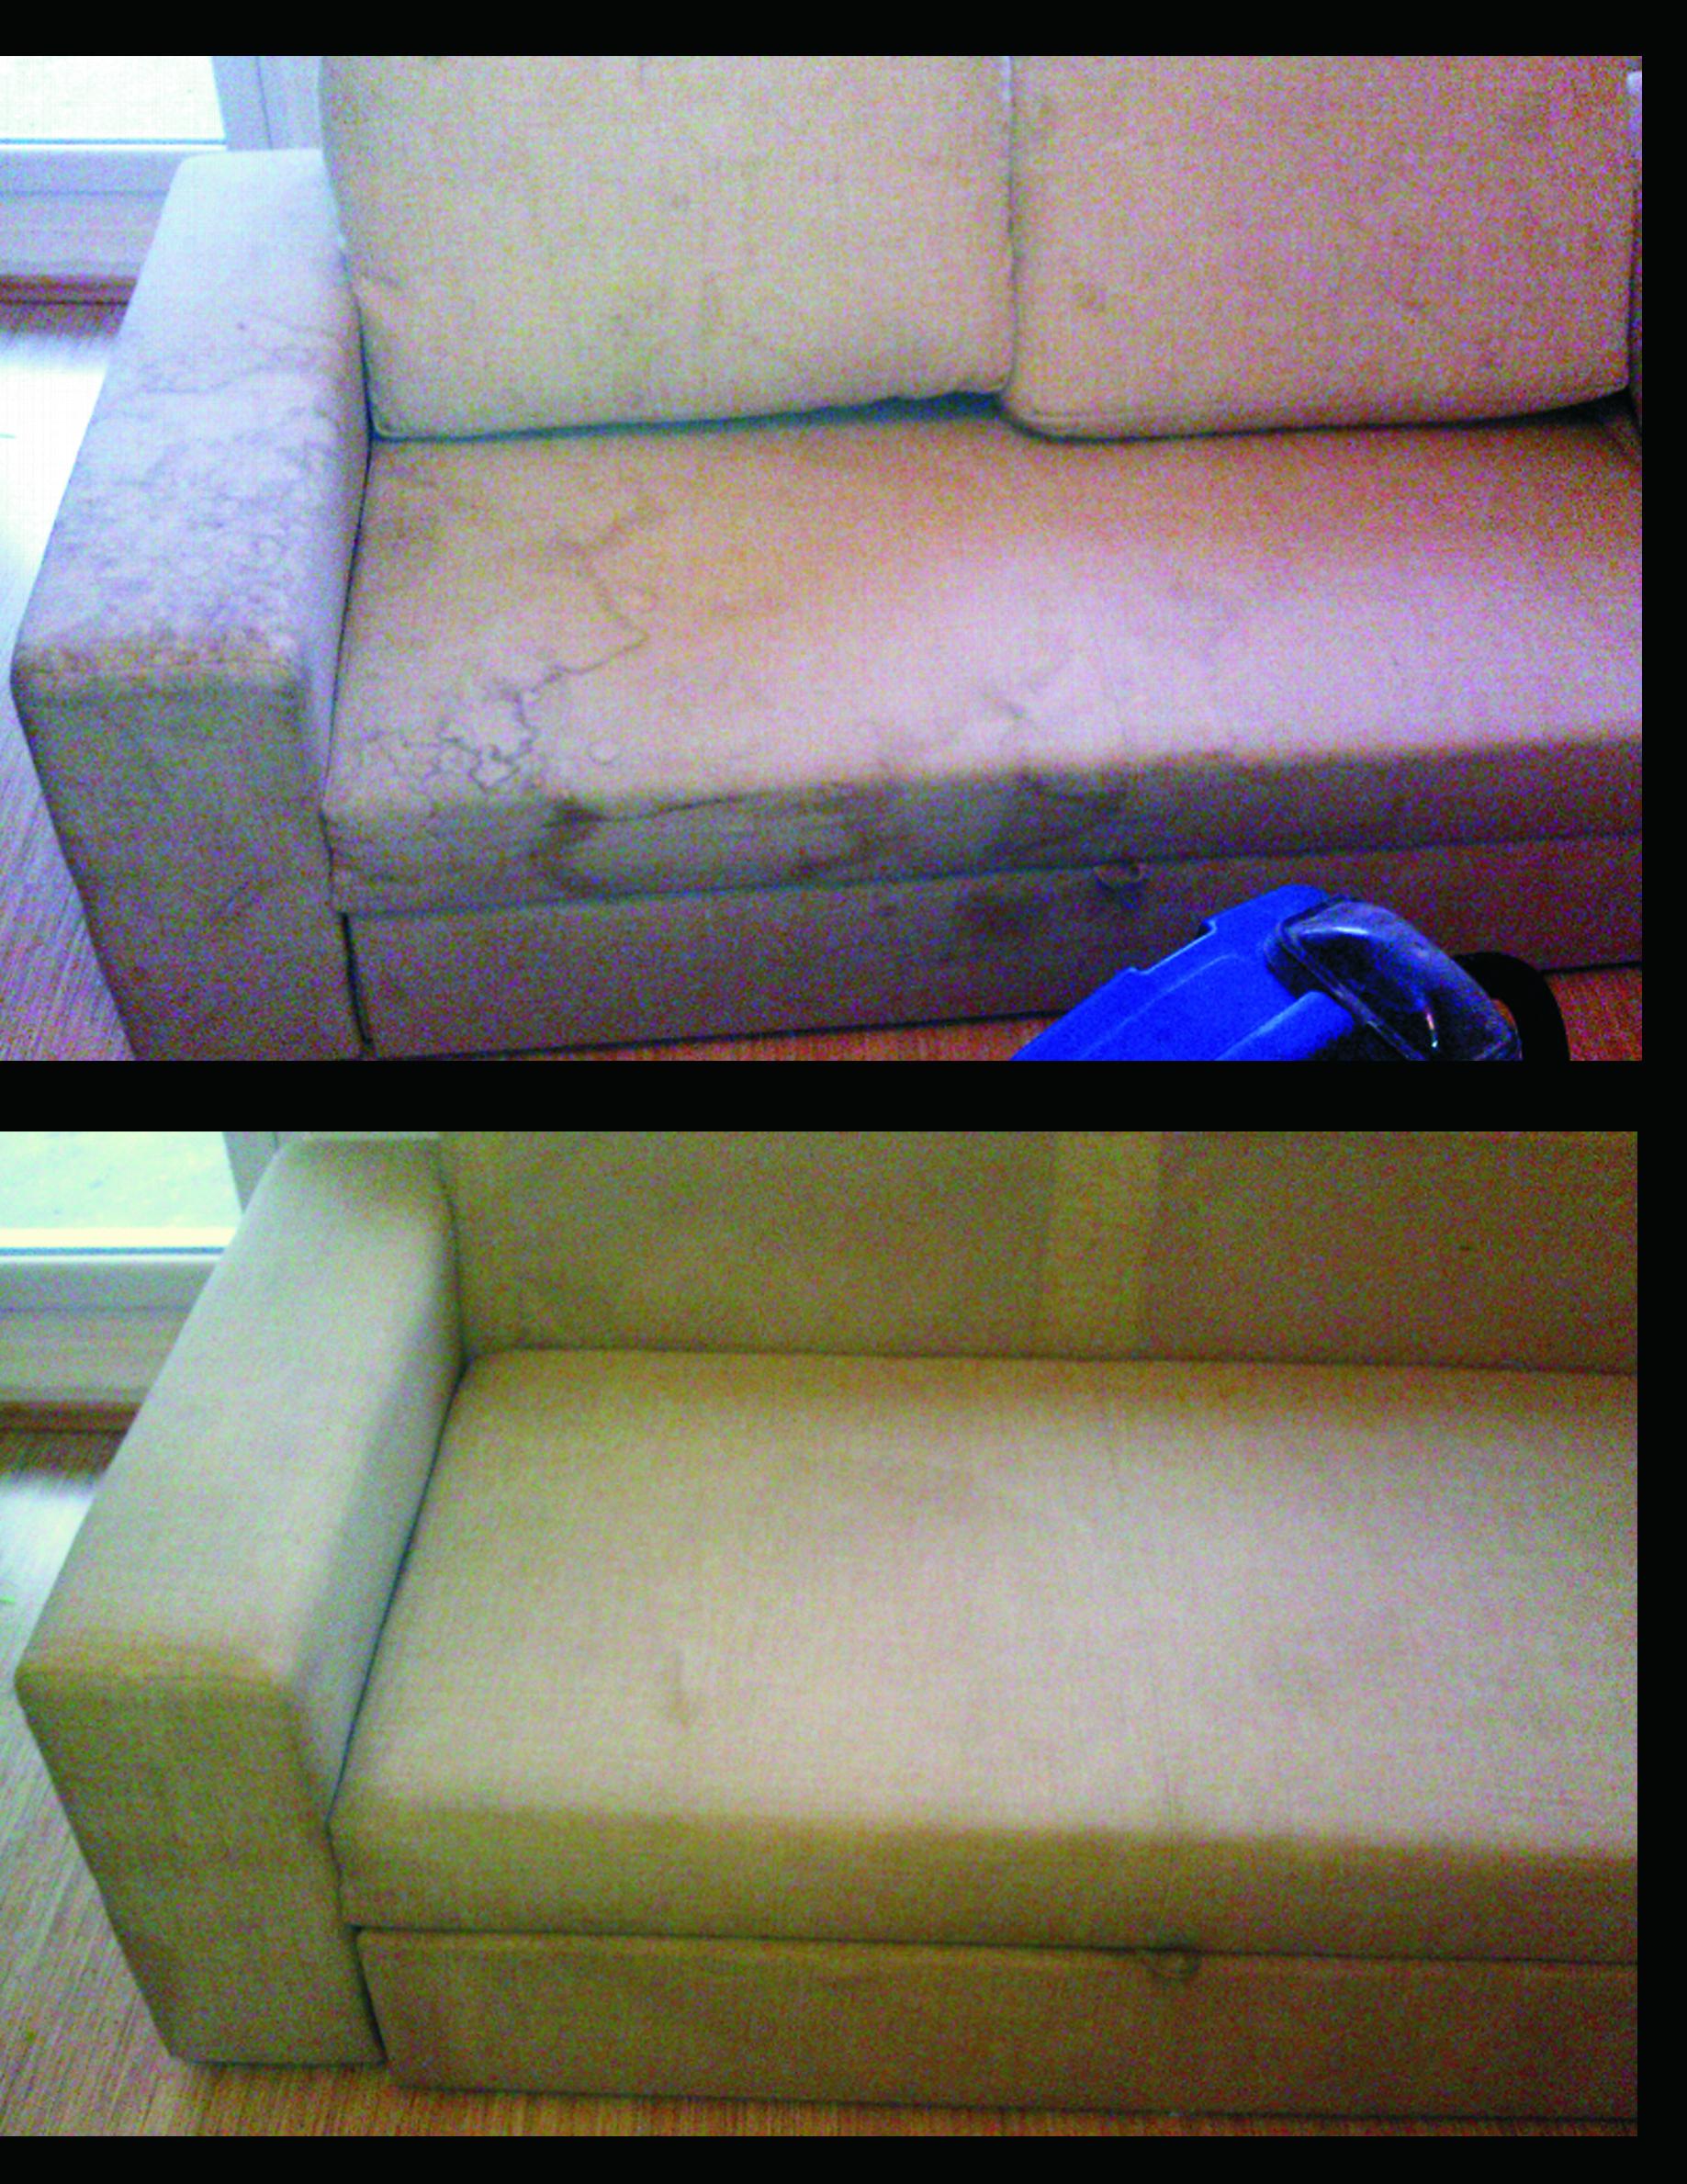 Czyszczenie tapicerki, pranie